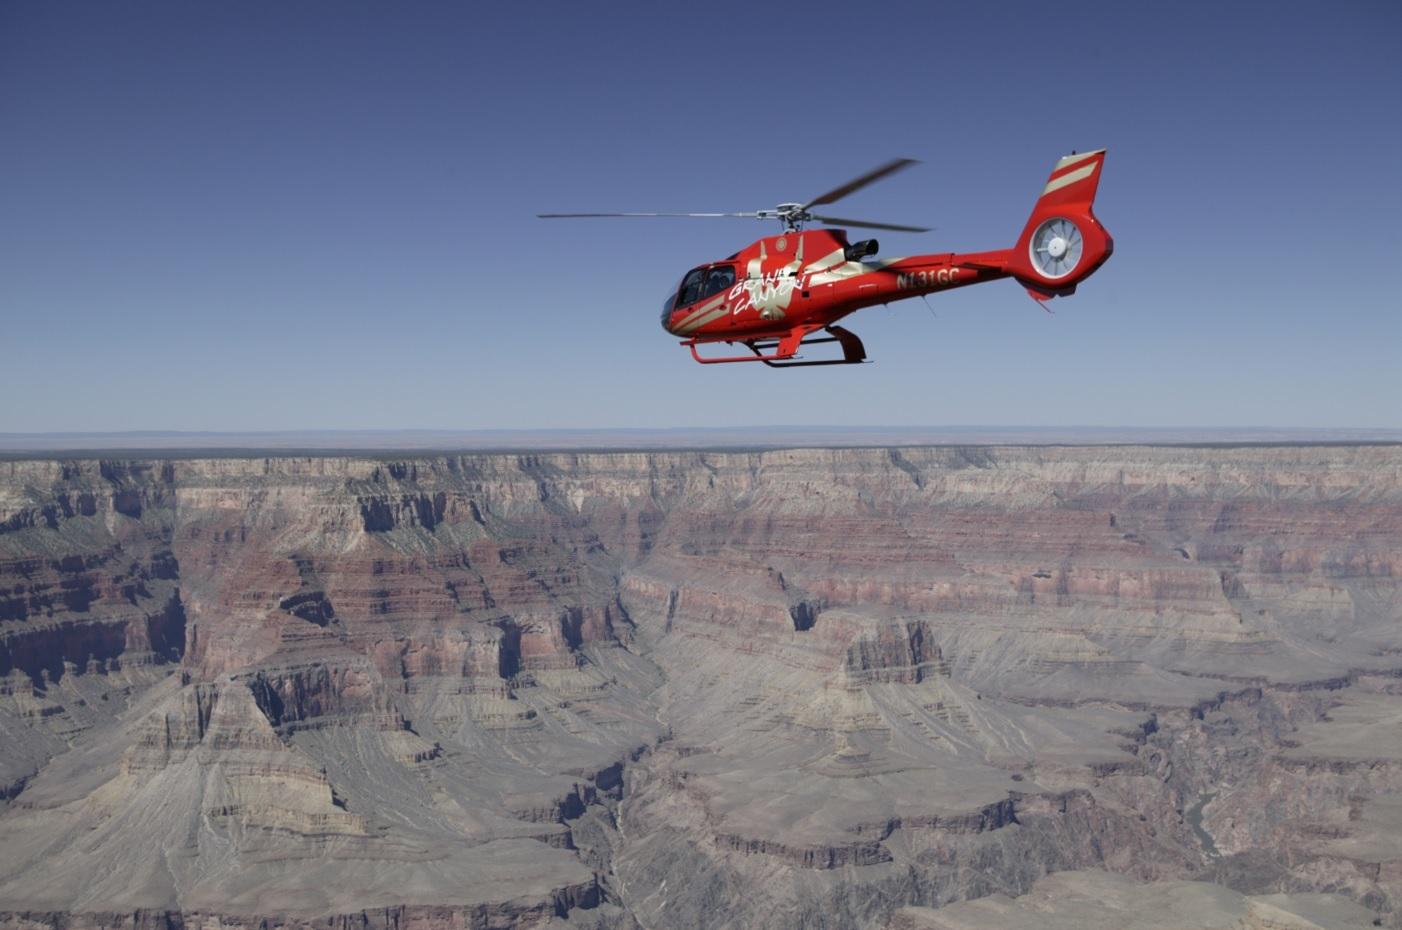 ヘリコプター遊覧飛行 ツアー